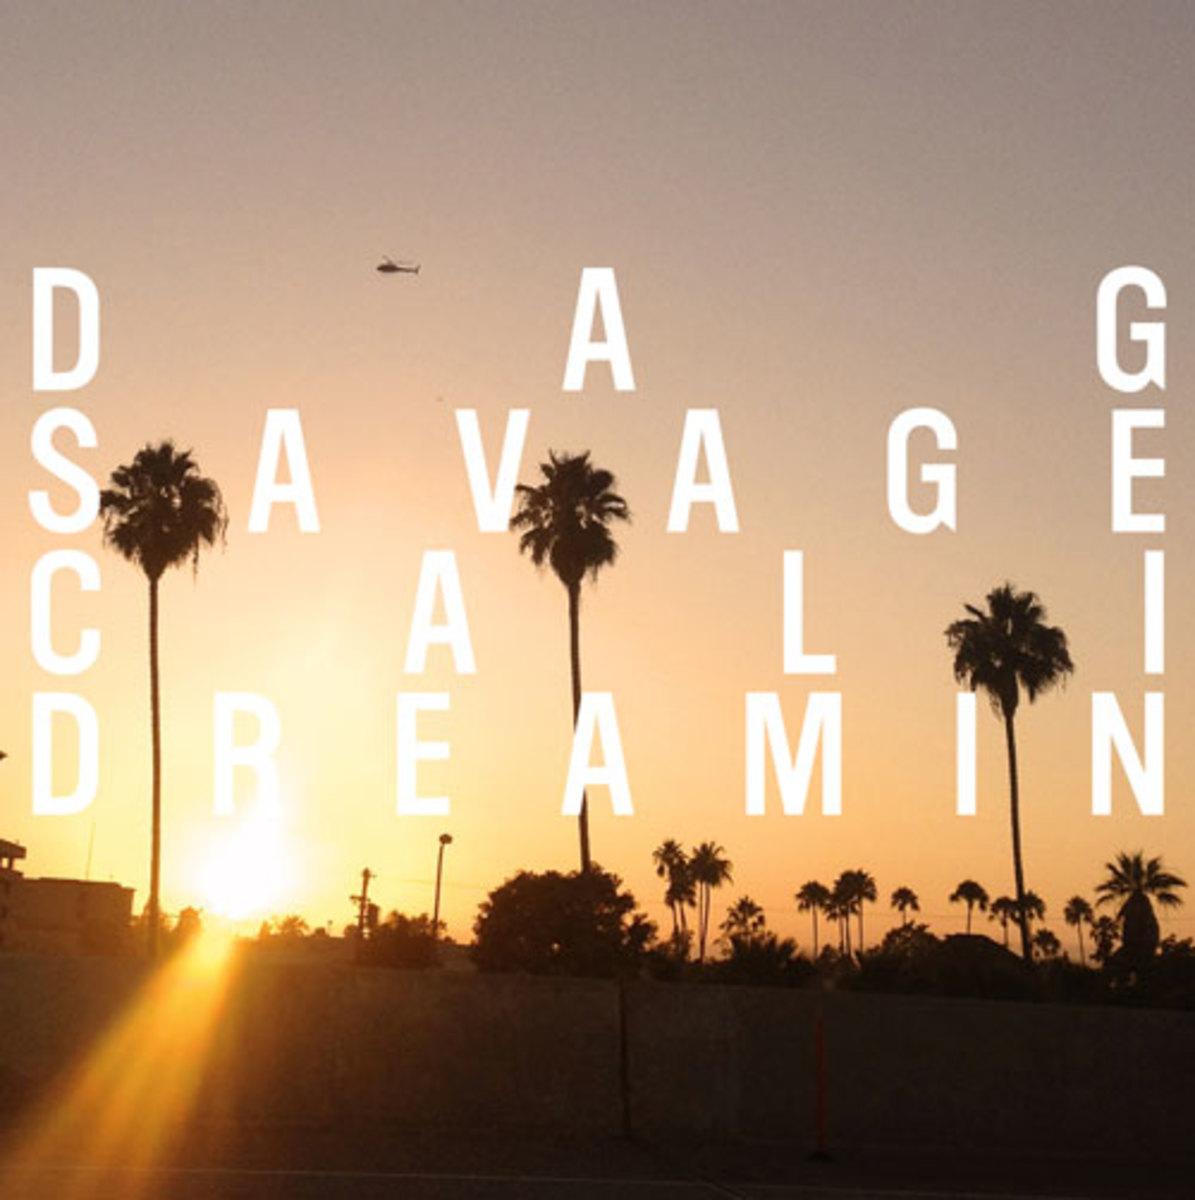 dagsavage-cali.jpg